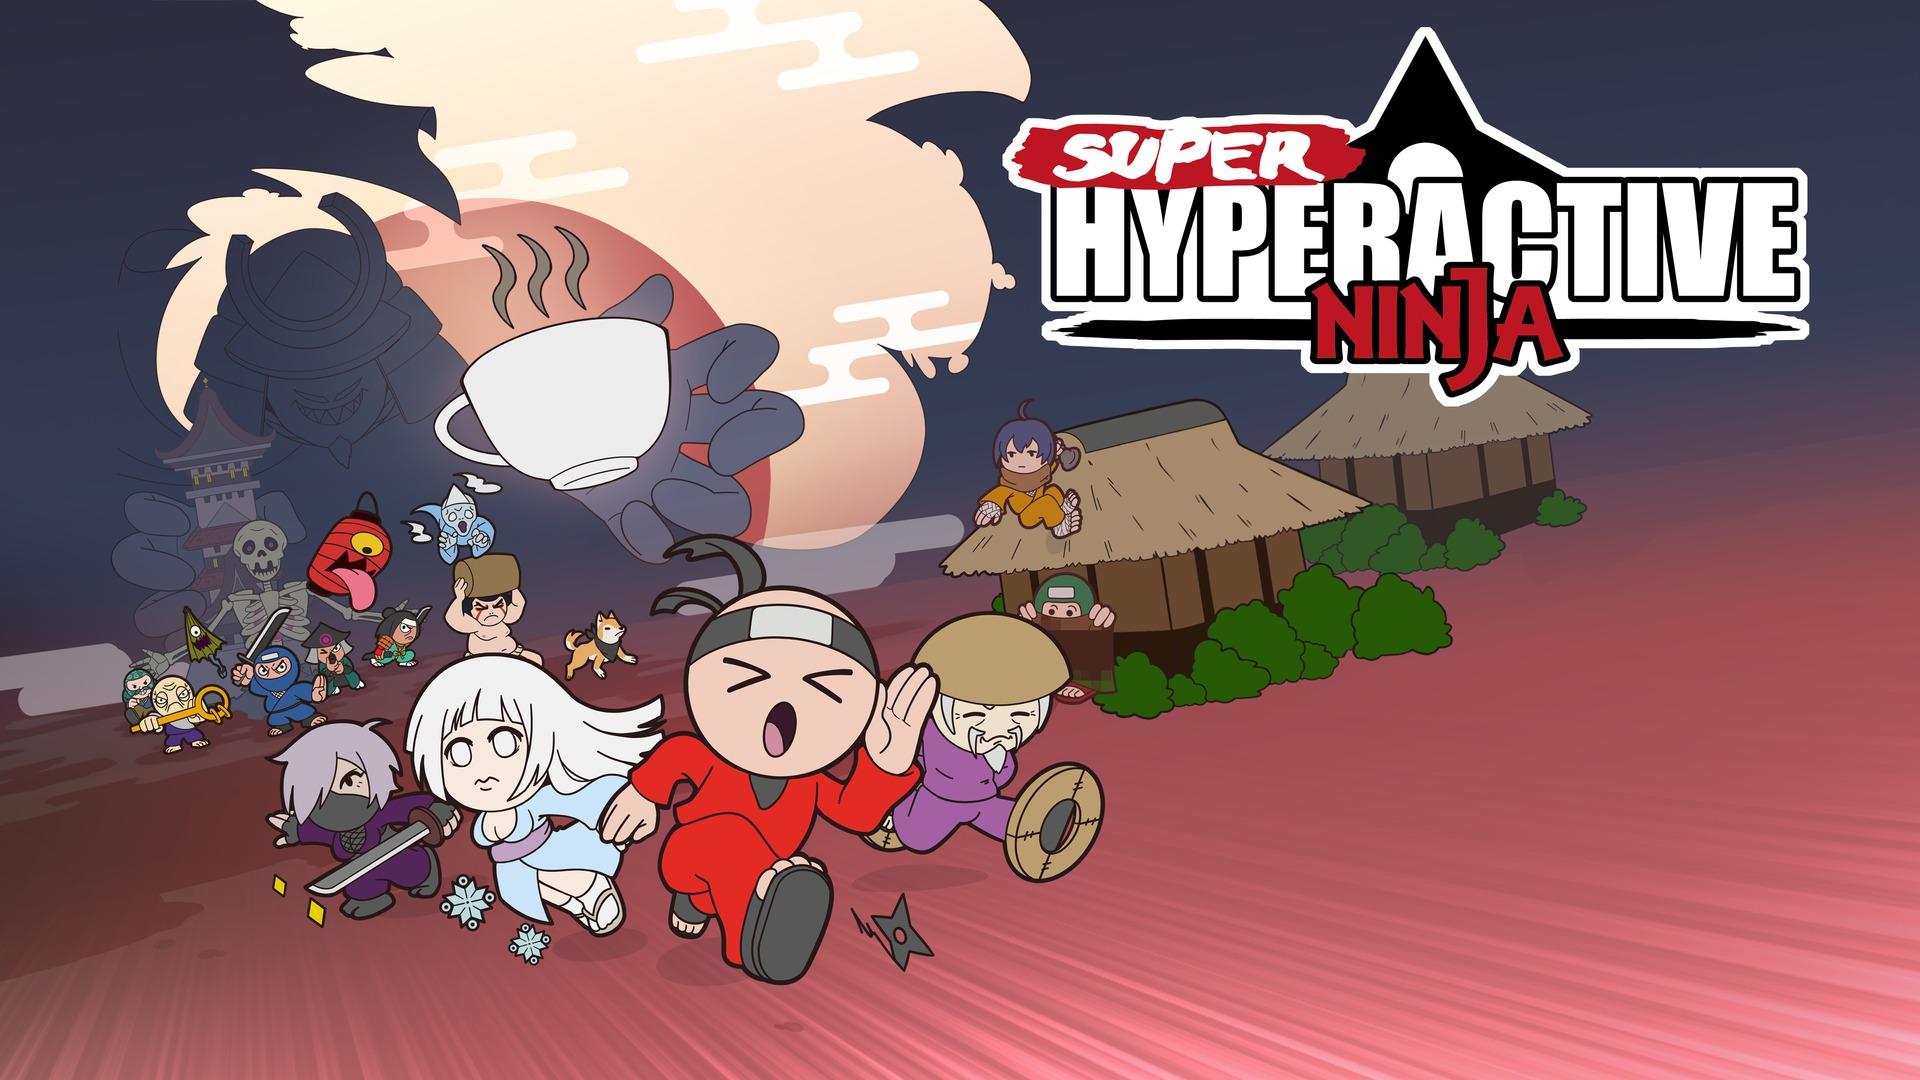 Super Hyperactive Ninja Game